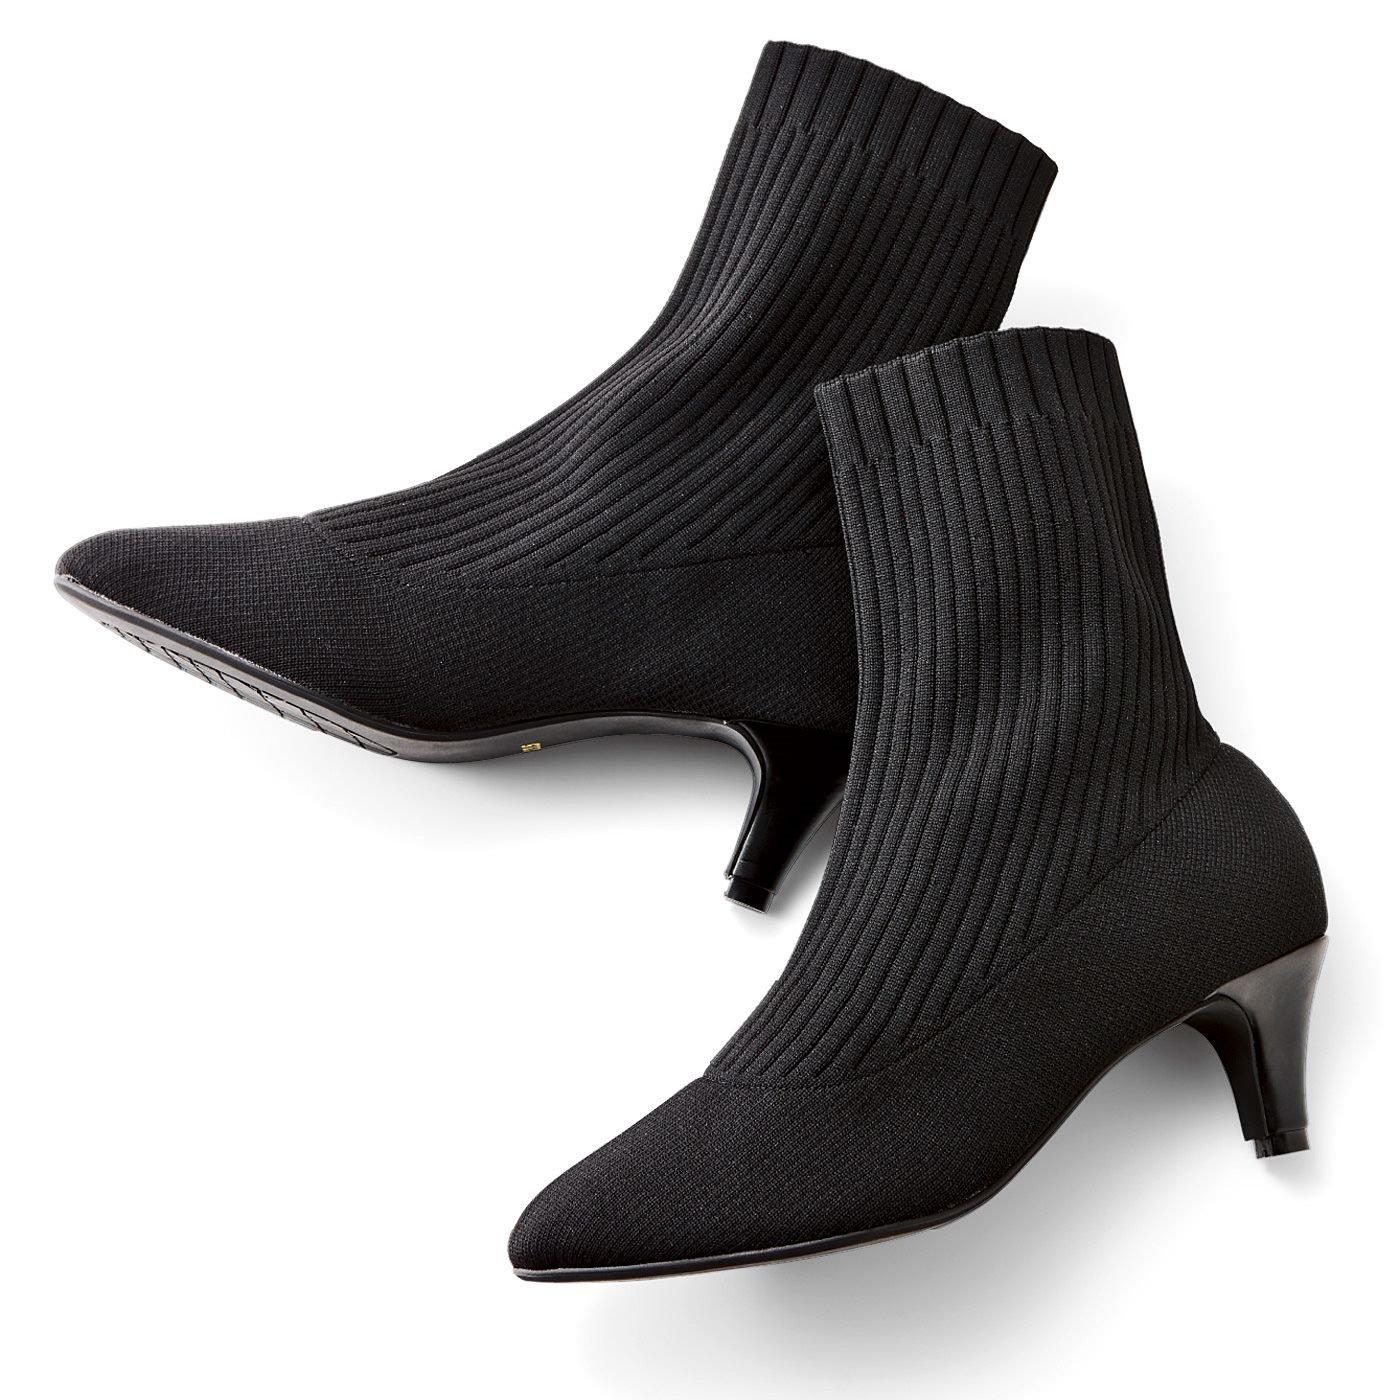 IEDIT[イディット] しなやかな履き心地のキャットフィット リブニットショートブーツ〈ブラック〉